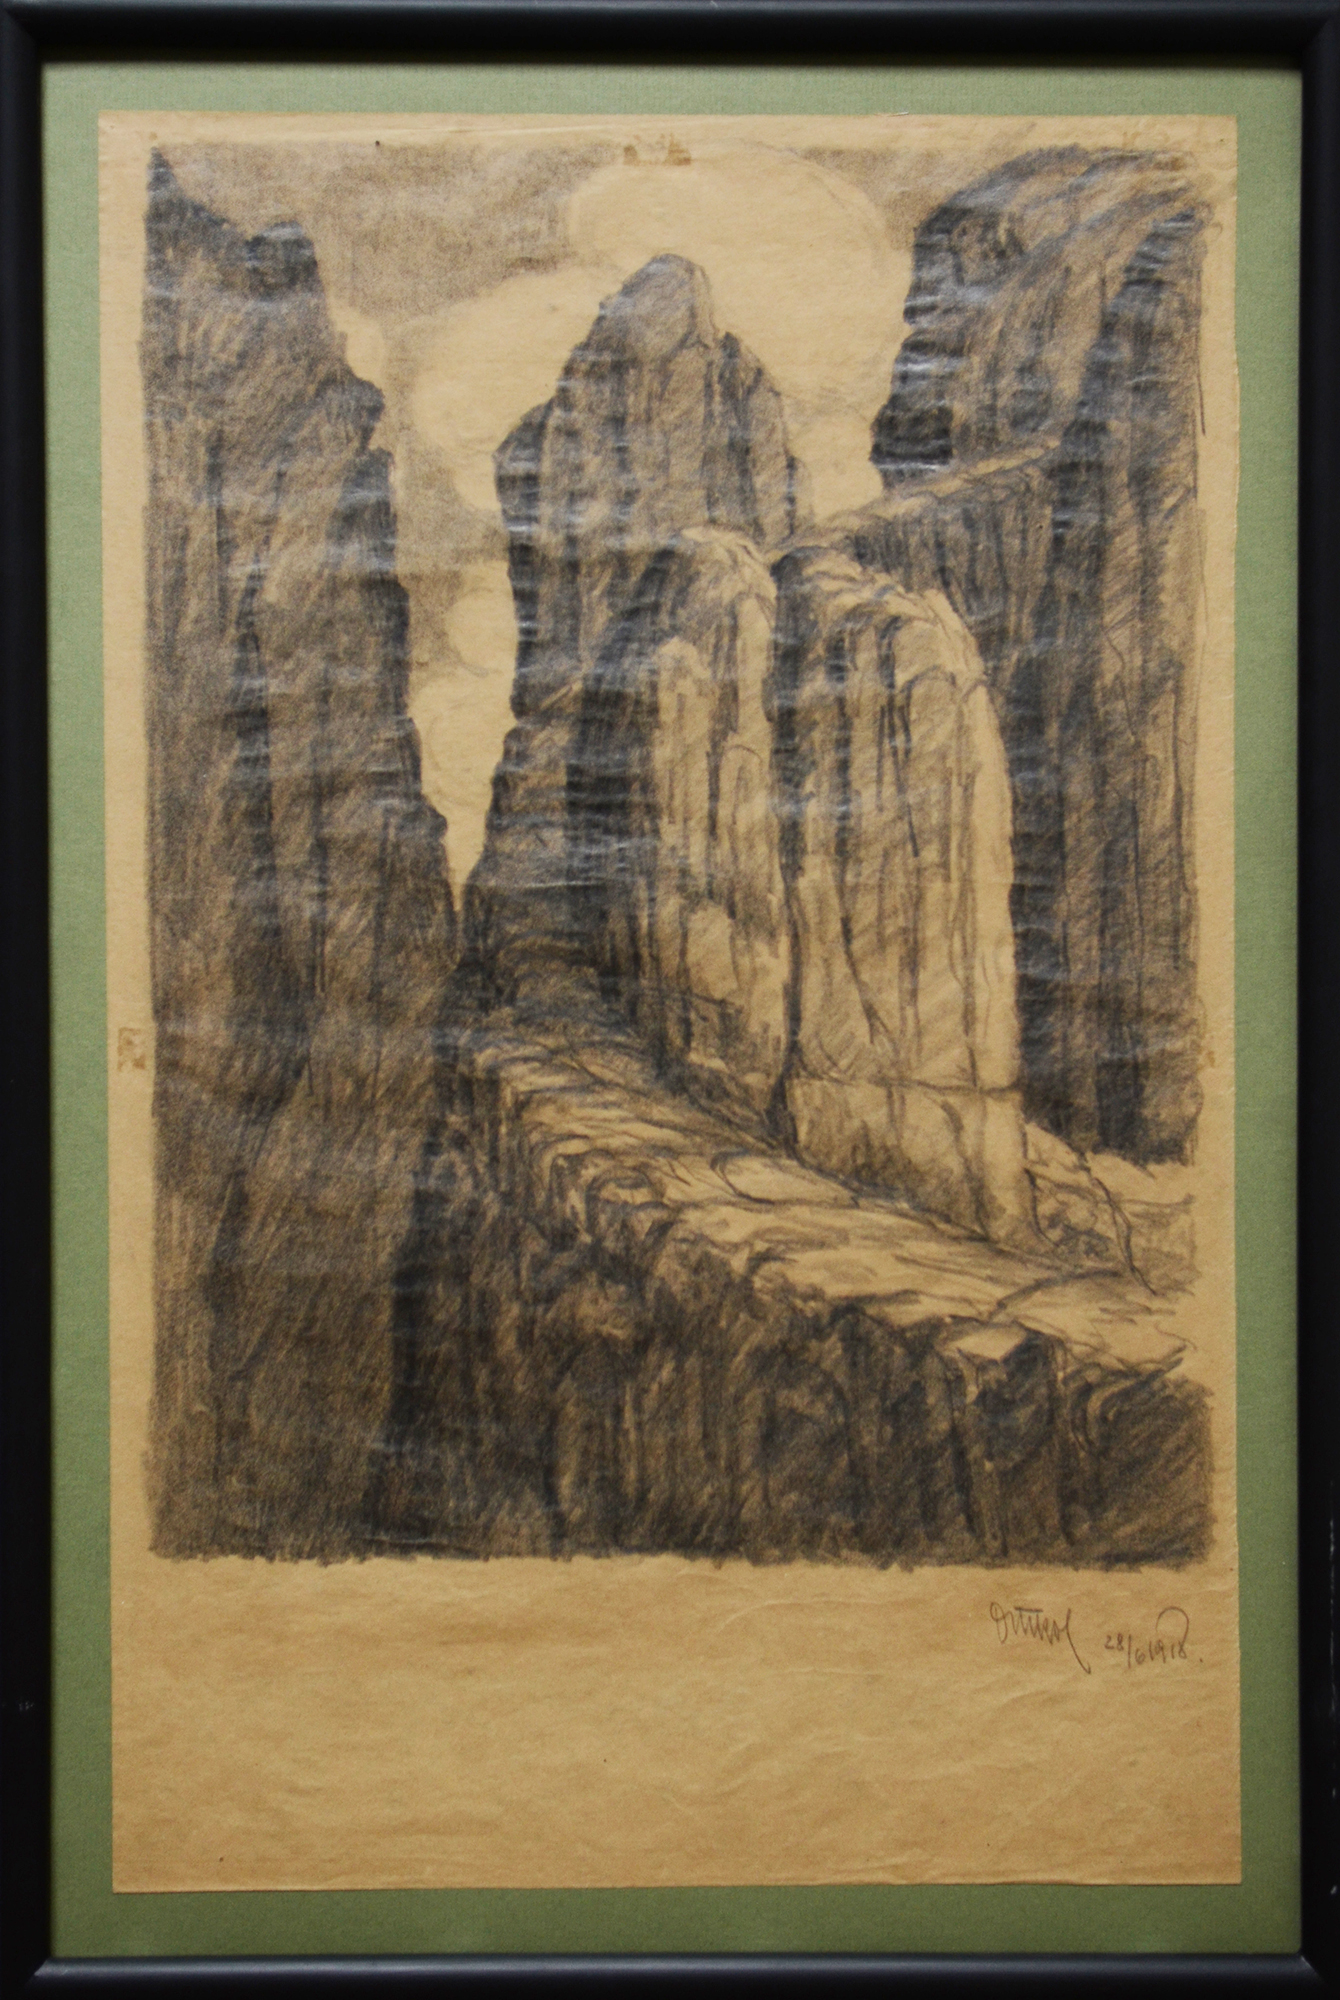 1918 Krajina Ii Frantisek Drtikol Invest In Art